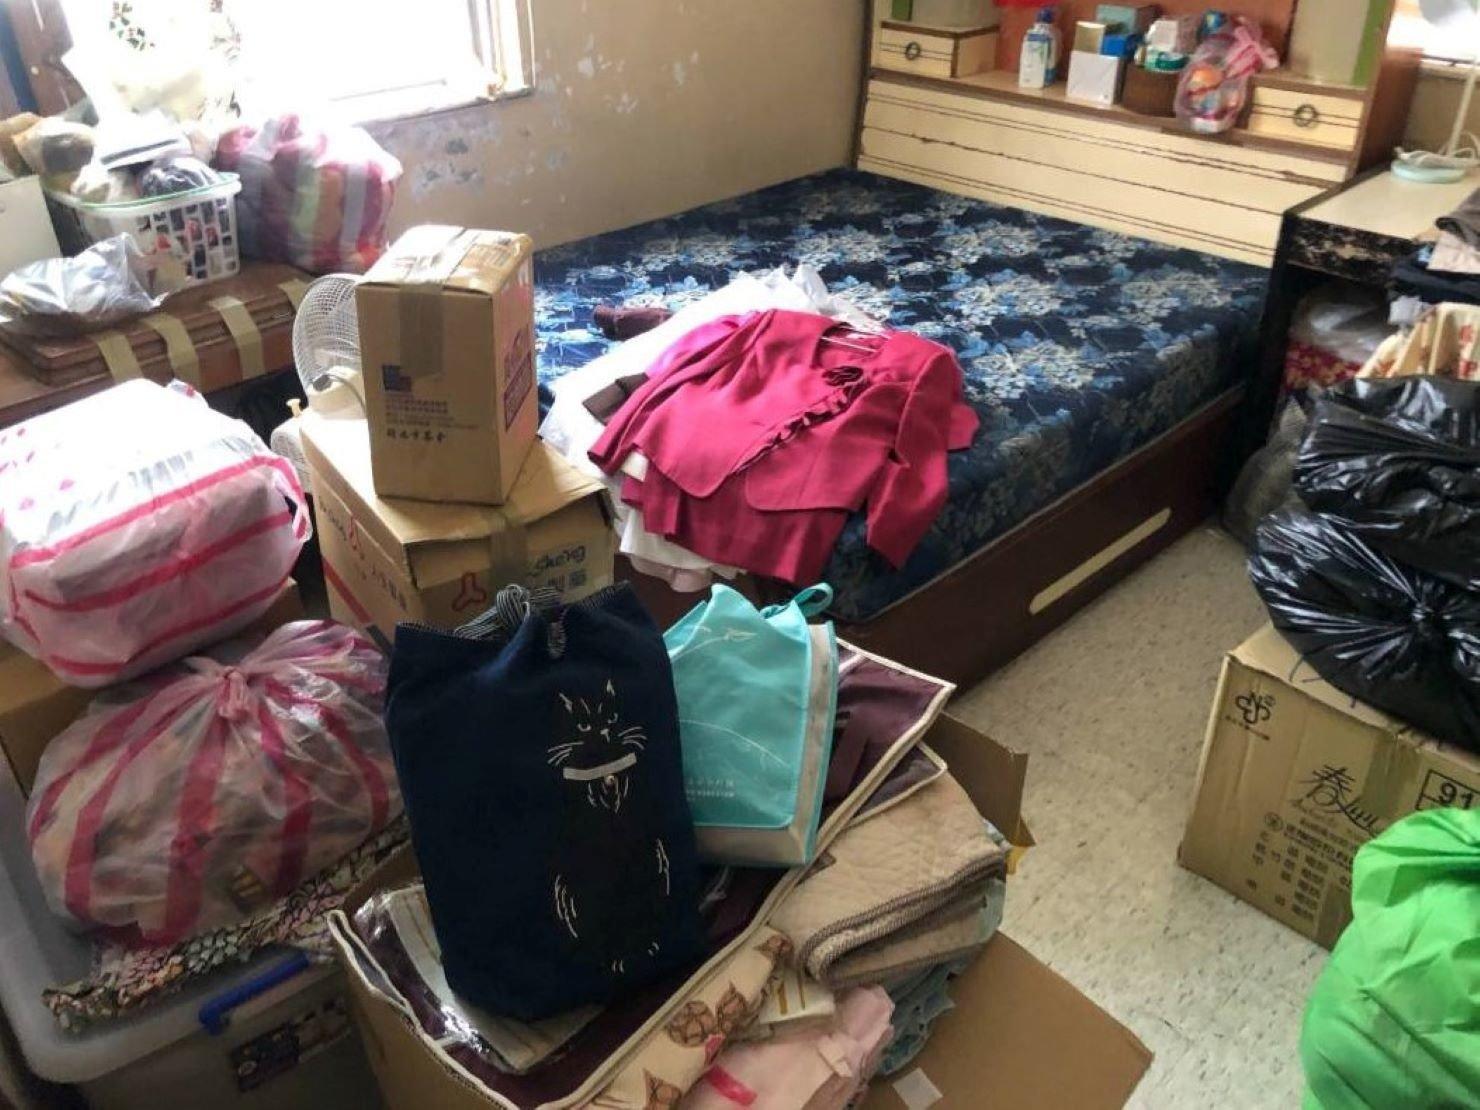 台北搬家推薦【榮福搬家】搬家公司,值得您來選擇:將衣物分類打包,裝箱裝袋,方便日後整理;如易皺衣物須用衣架掛在吊衣箱,避免日後整理時麻煩又懊惱。